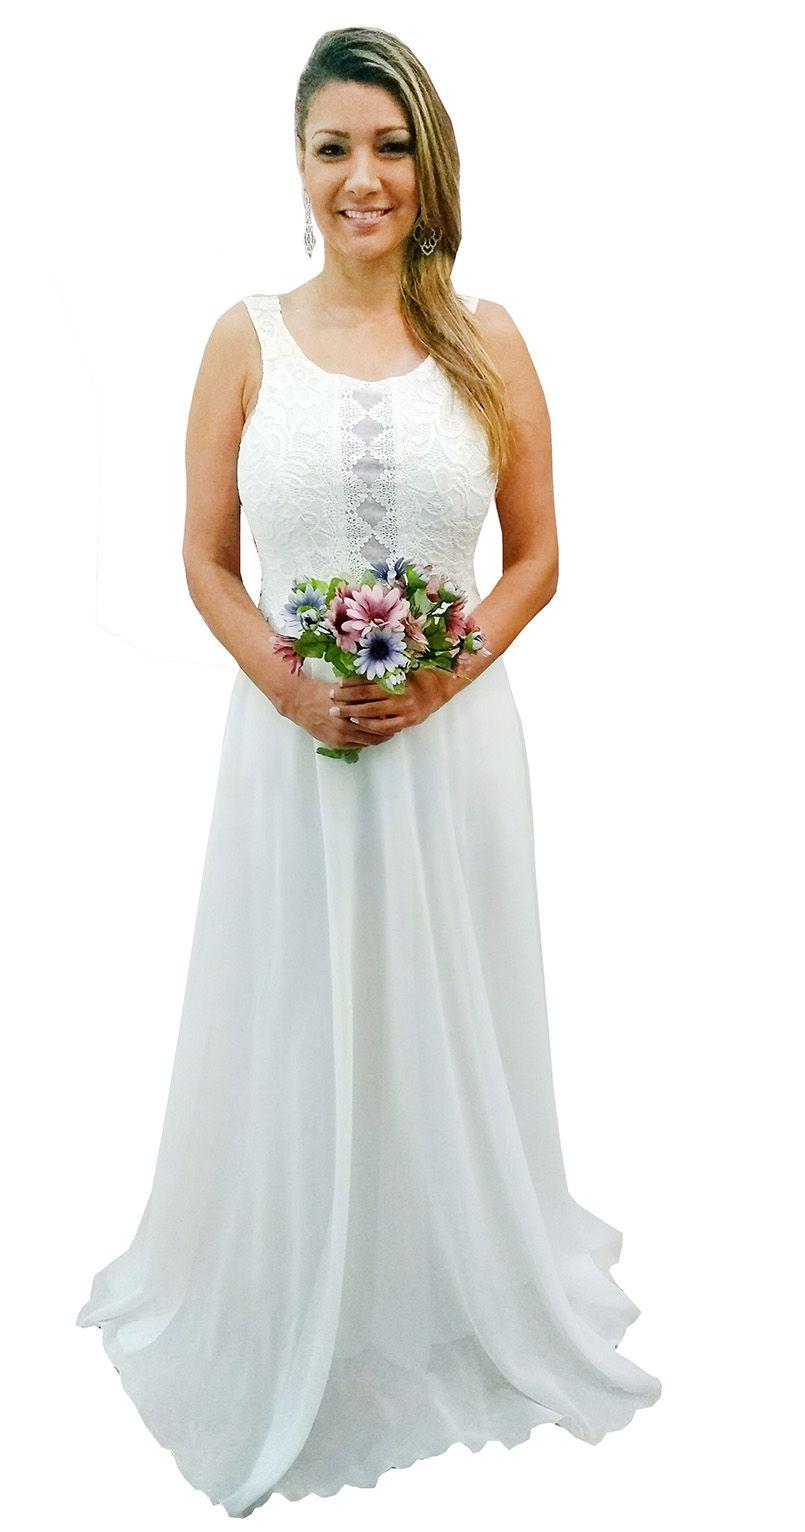 b8eb7dbc2 Vestido Noiva Simples - Renda Guipir, Casamento Lindo